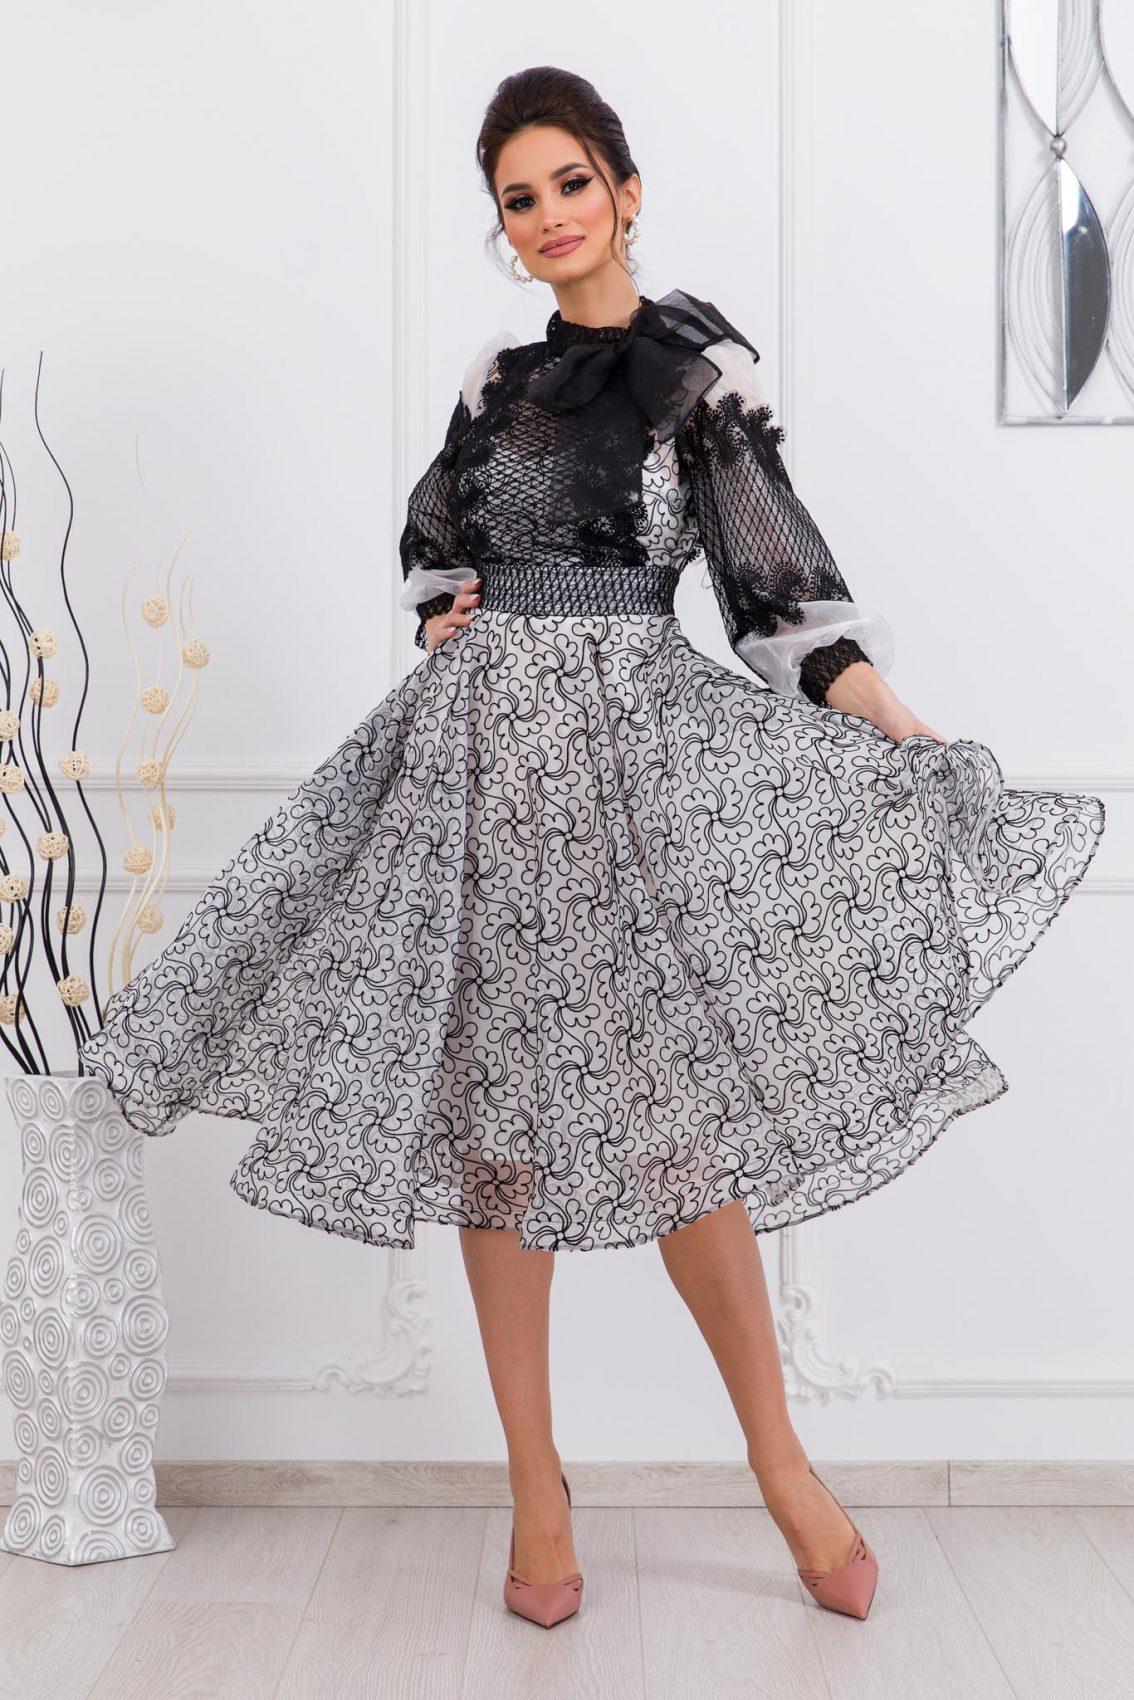 Βραδινό Φόρεμα Με Δαντέλα Radiant 9749 1